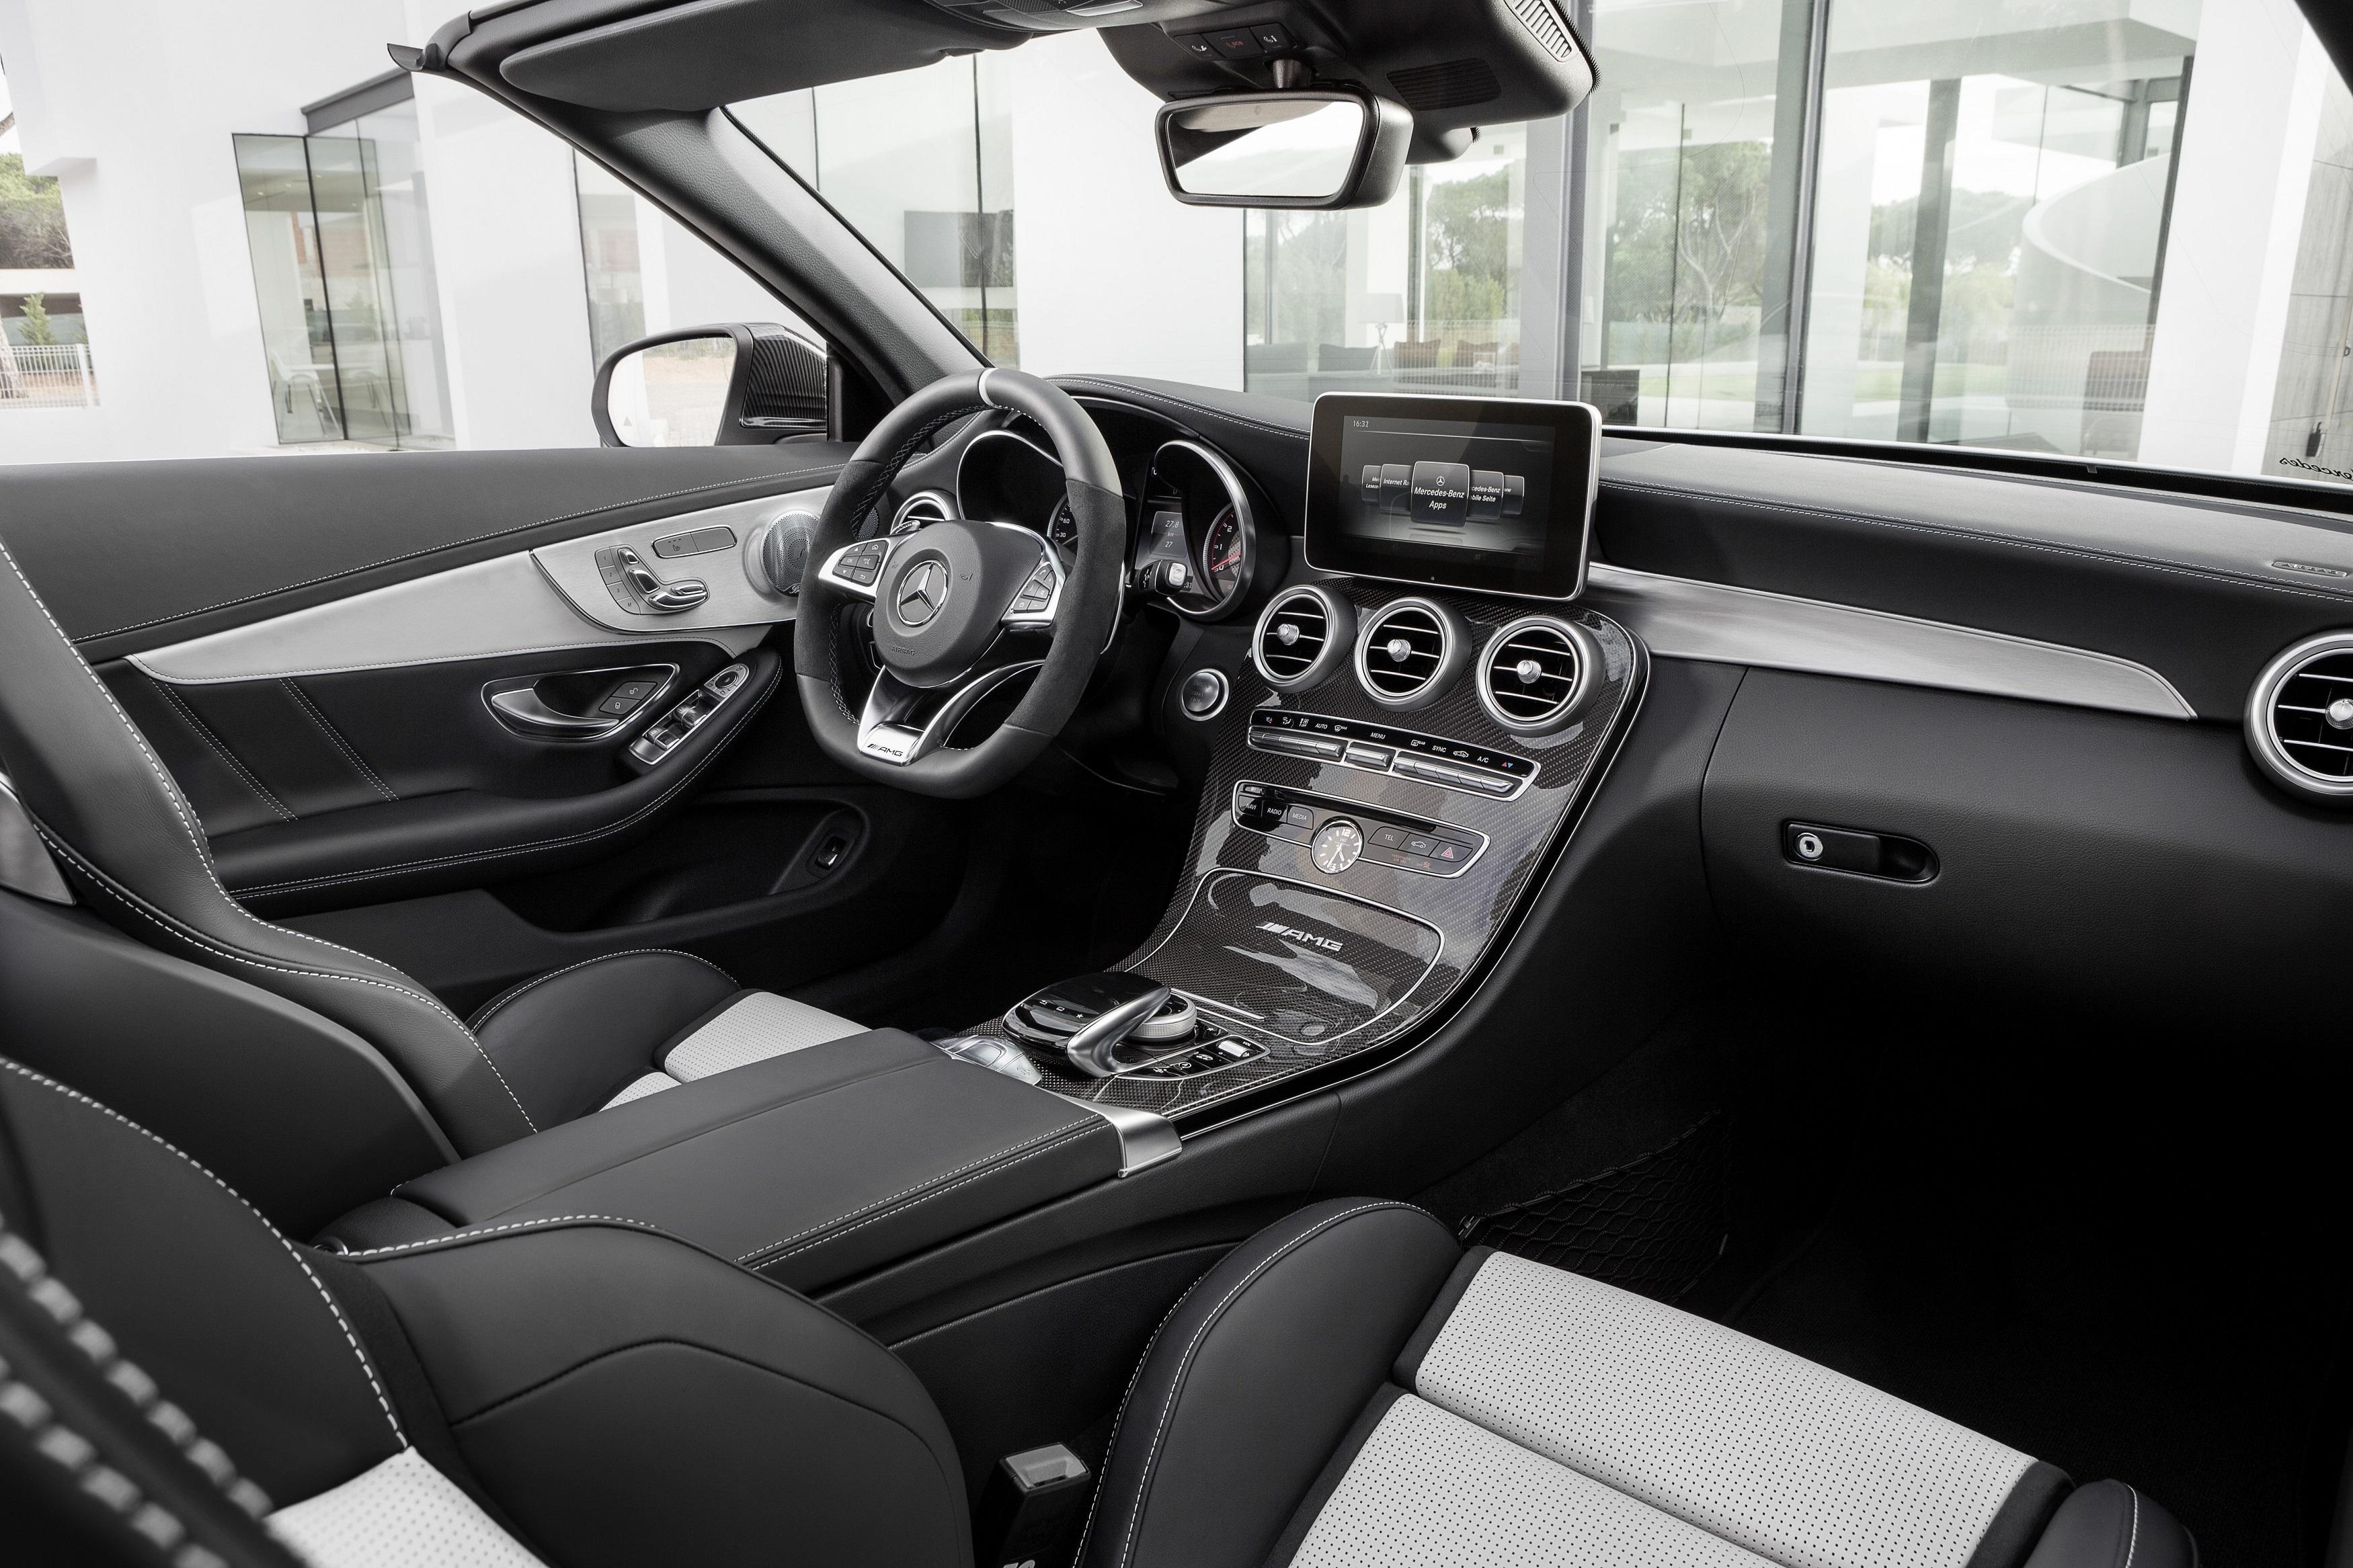 Mercedes Benz C Class cab inside